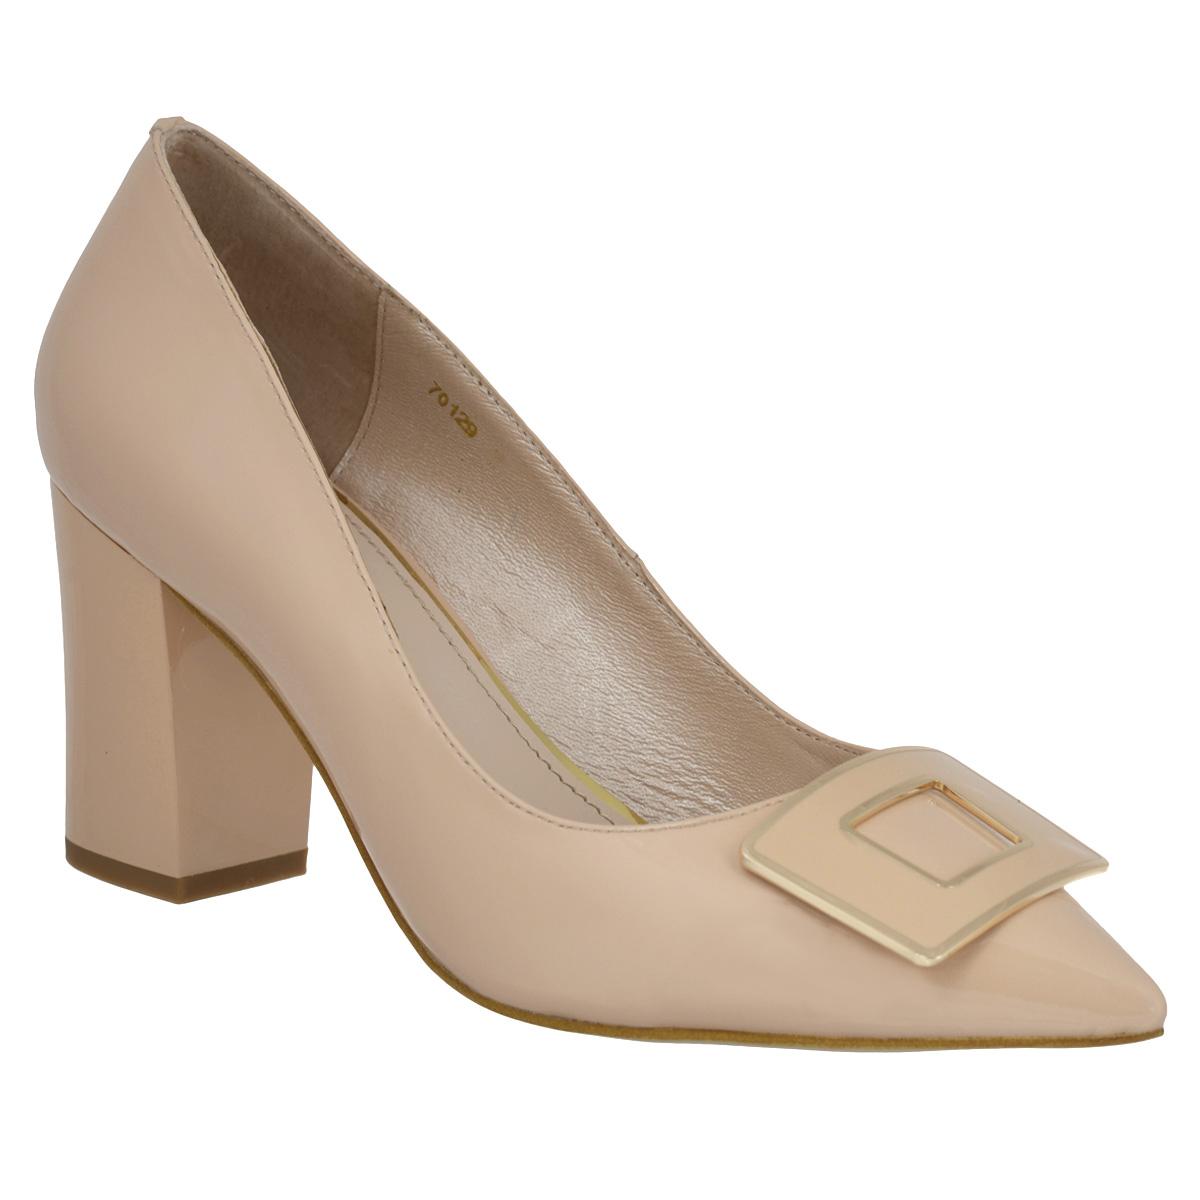 Туфли женские. 701270128Изысканные женские туфли Vitacci займут достойное место среди вашей коллекции обуви. Модель изготовлена из лакированной натуральной кожи. Мыс изделия оформлен прямоугольным декоративным элементом из металла, стилизованным под пряжку. Зауженный носок добавит женственности в ваш образ. Стелька из натуральной кожи позволит ногам дышать. Умеренной высоты толстый каблук обеспечит комфорт при ходьбе. Каблук и подошва дополнены противоскользящим рифлением. Прелестные туфли покорят вас с первого взгляда.